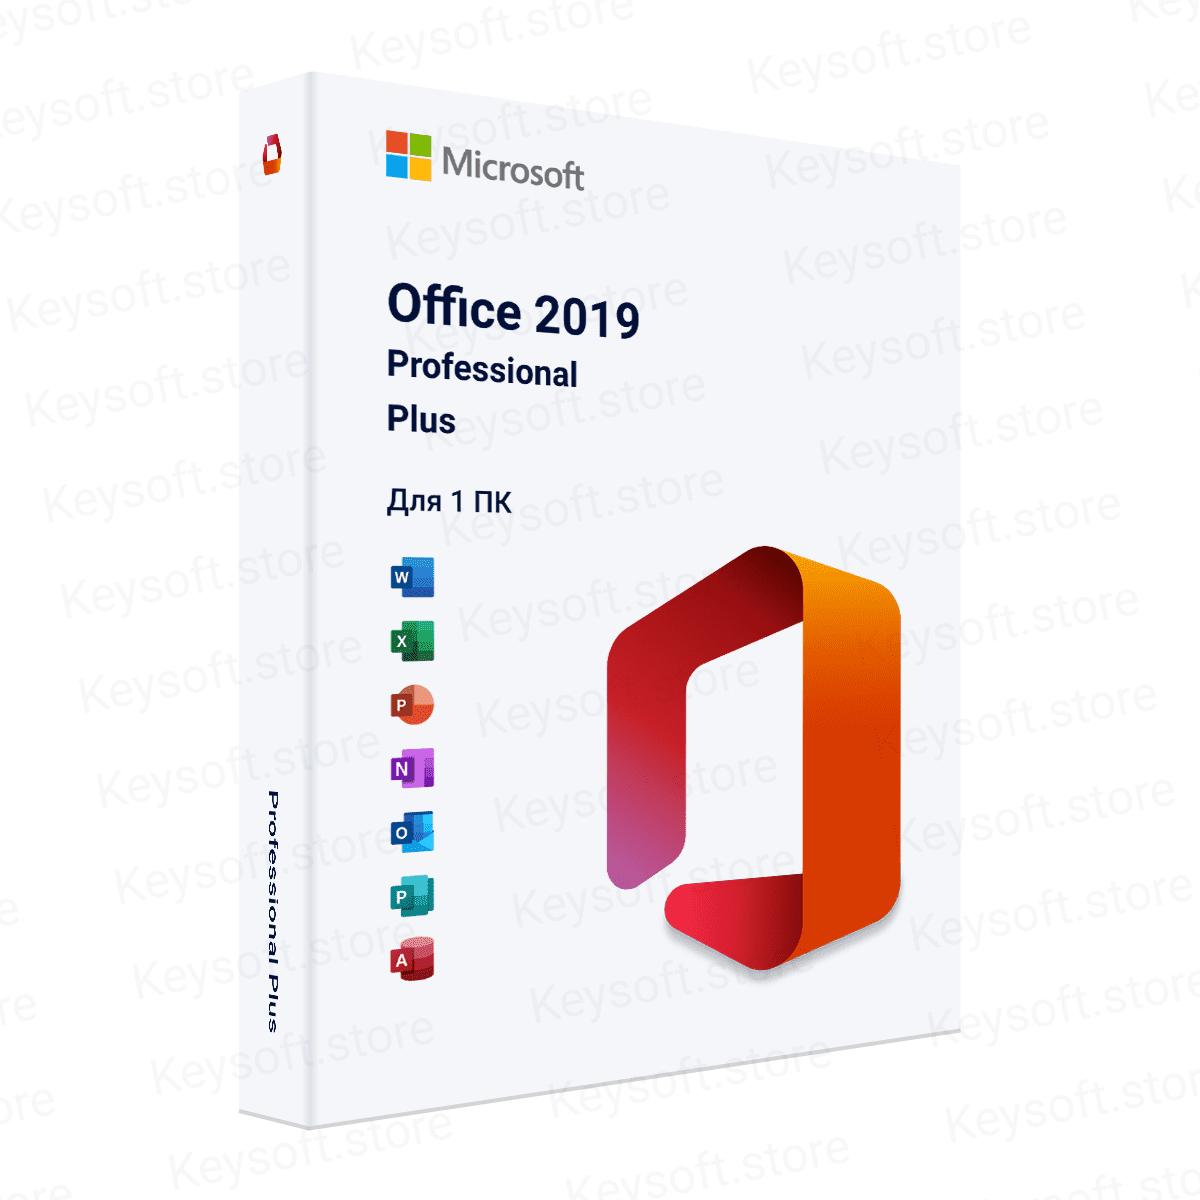 Купить лицензионные ключи активации для Microsoft Office 2019 Professional Plus - keysoft.store - Программы